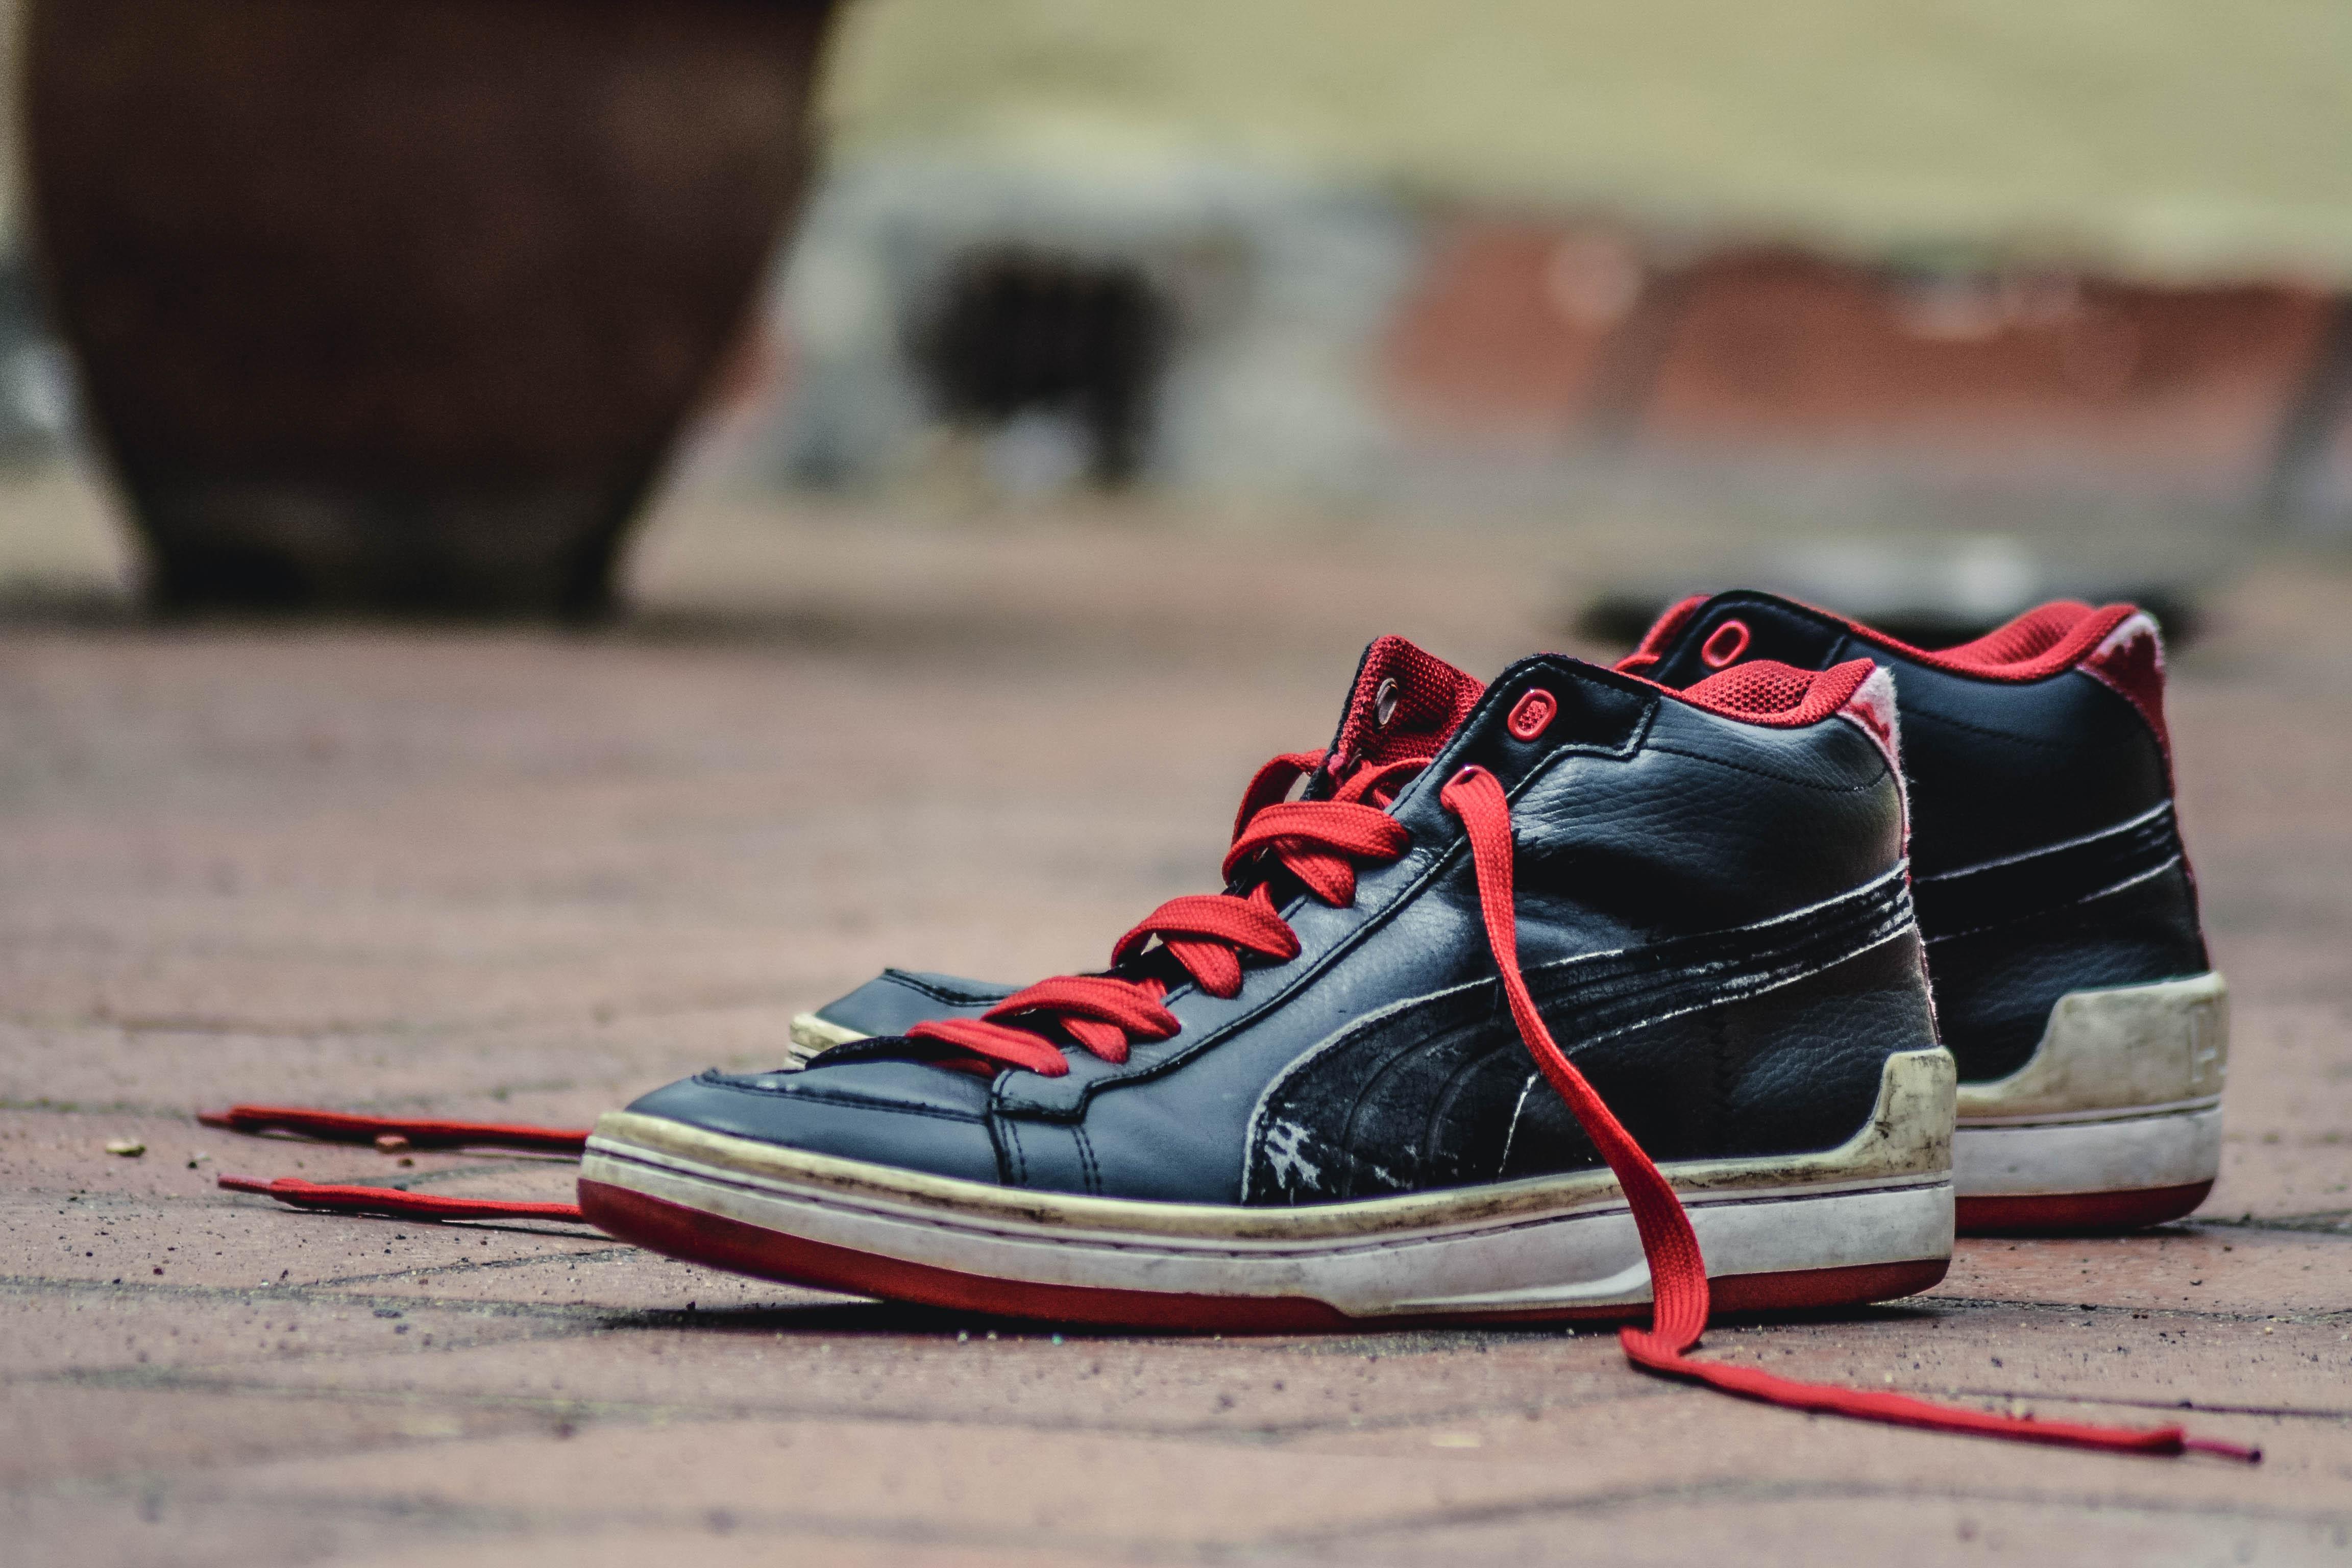 best service 68681 affac kenkä valkoinen nahka- vanha kevät punainen väri- nike karu musta kengät  lenkkarit jalkineet pari